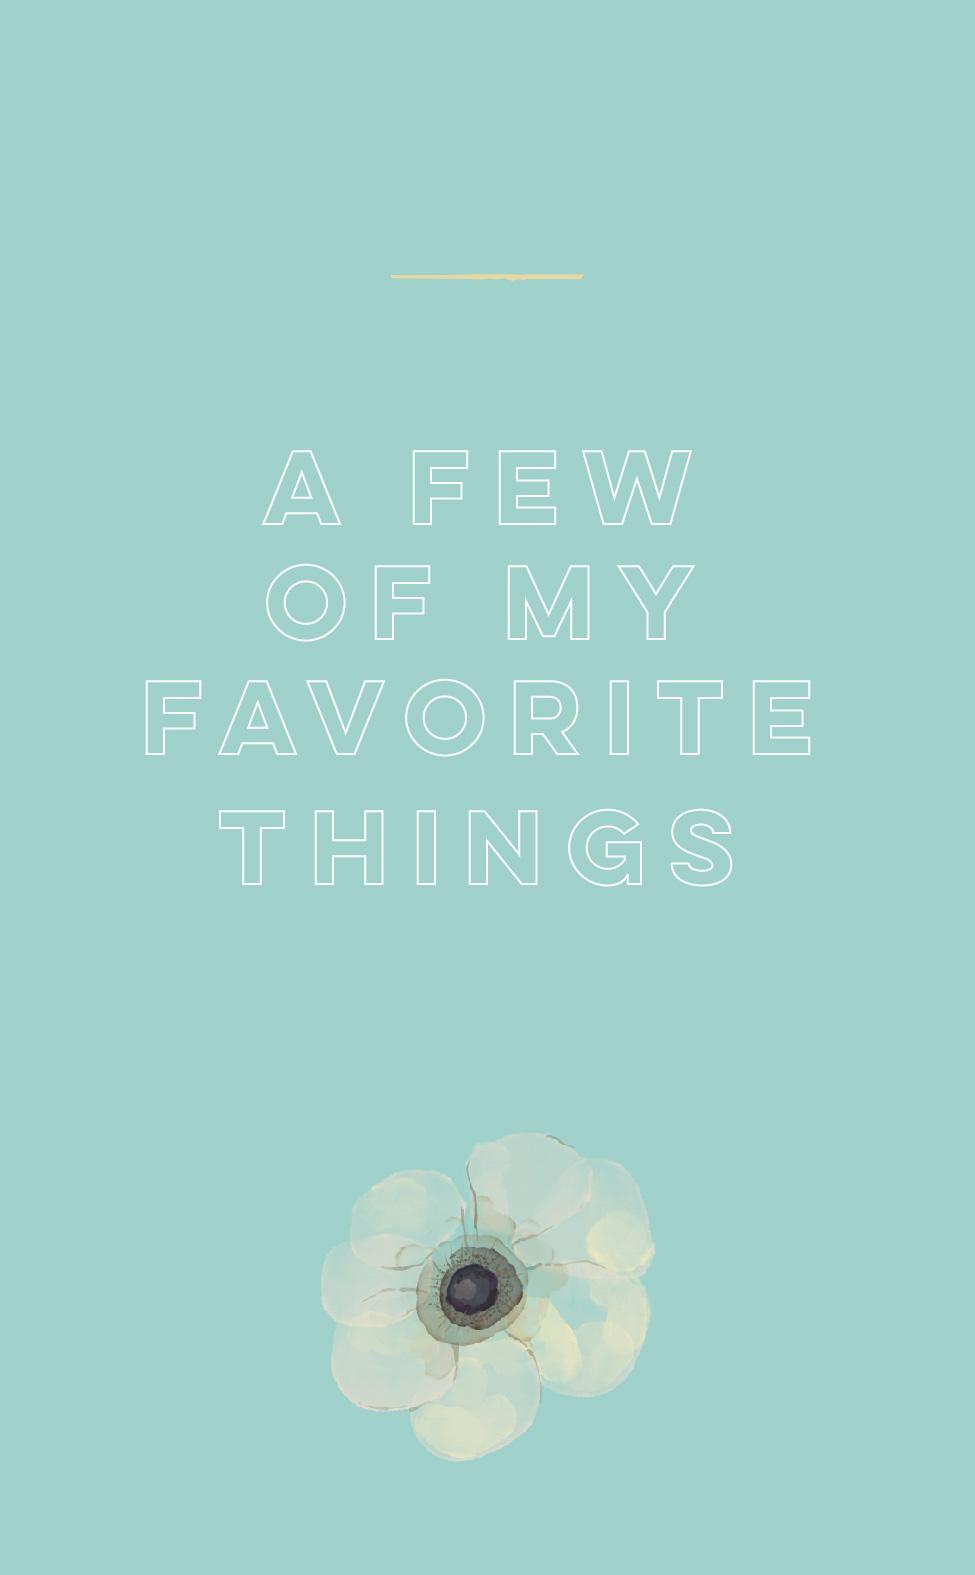 favoritethings.jpg